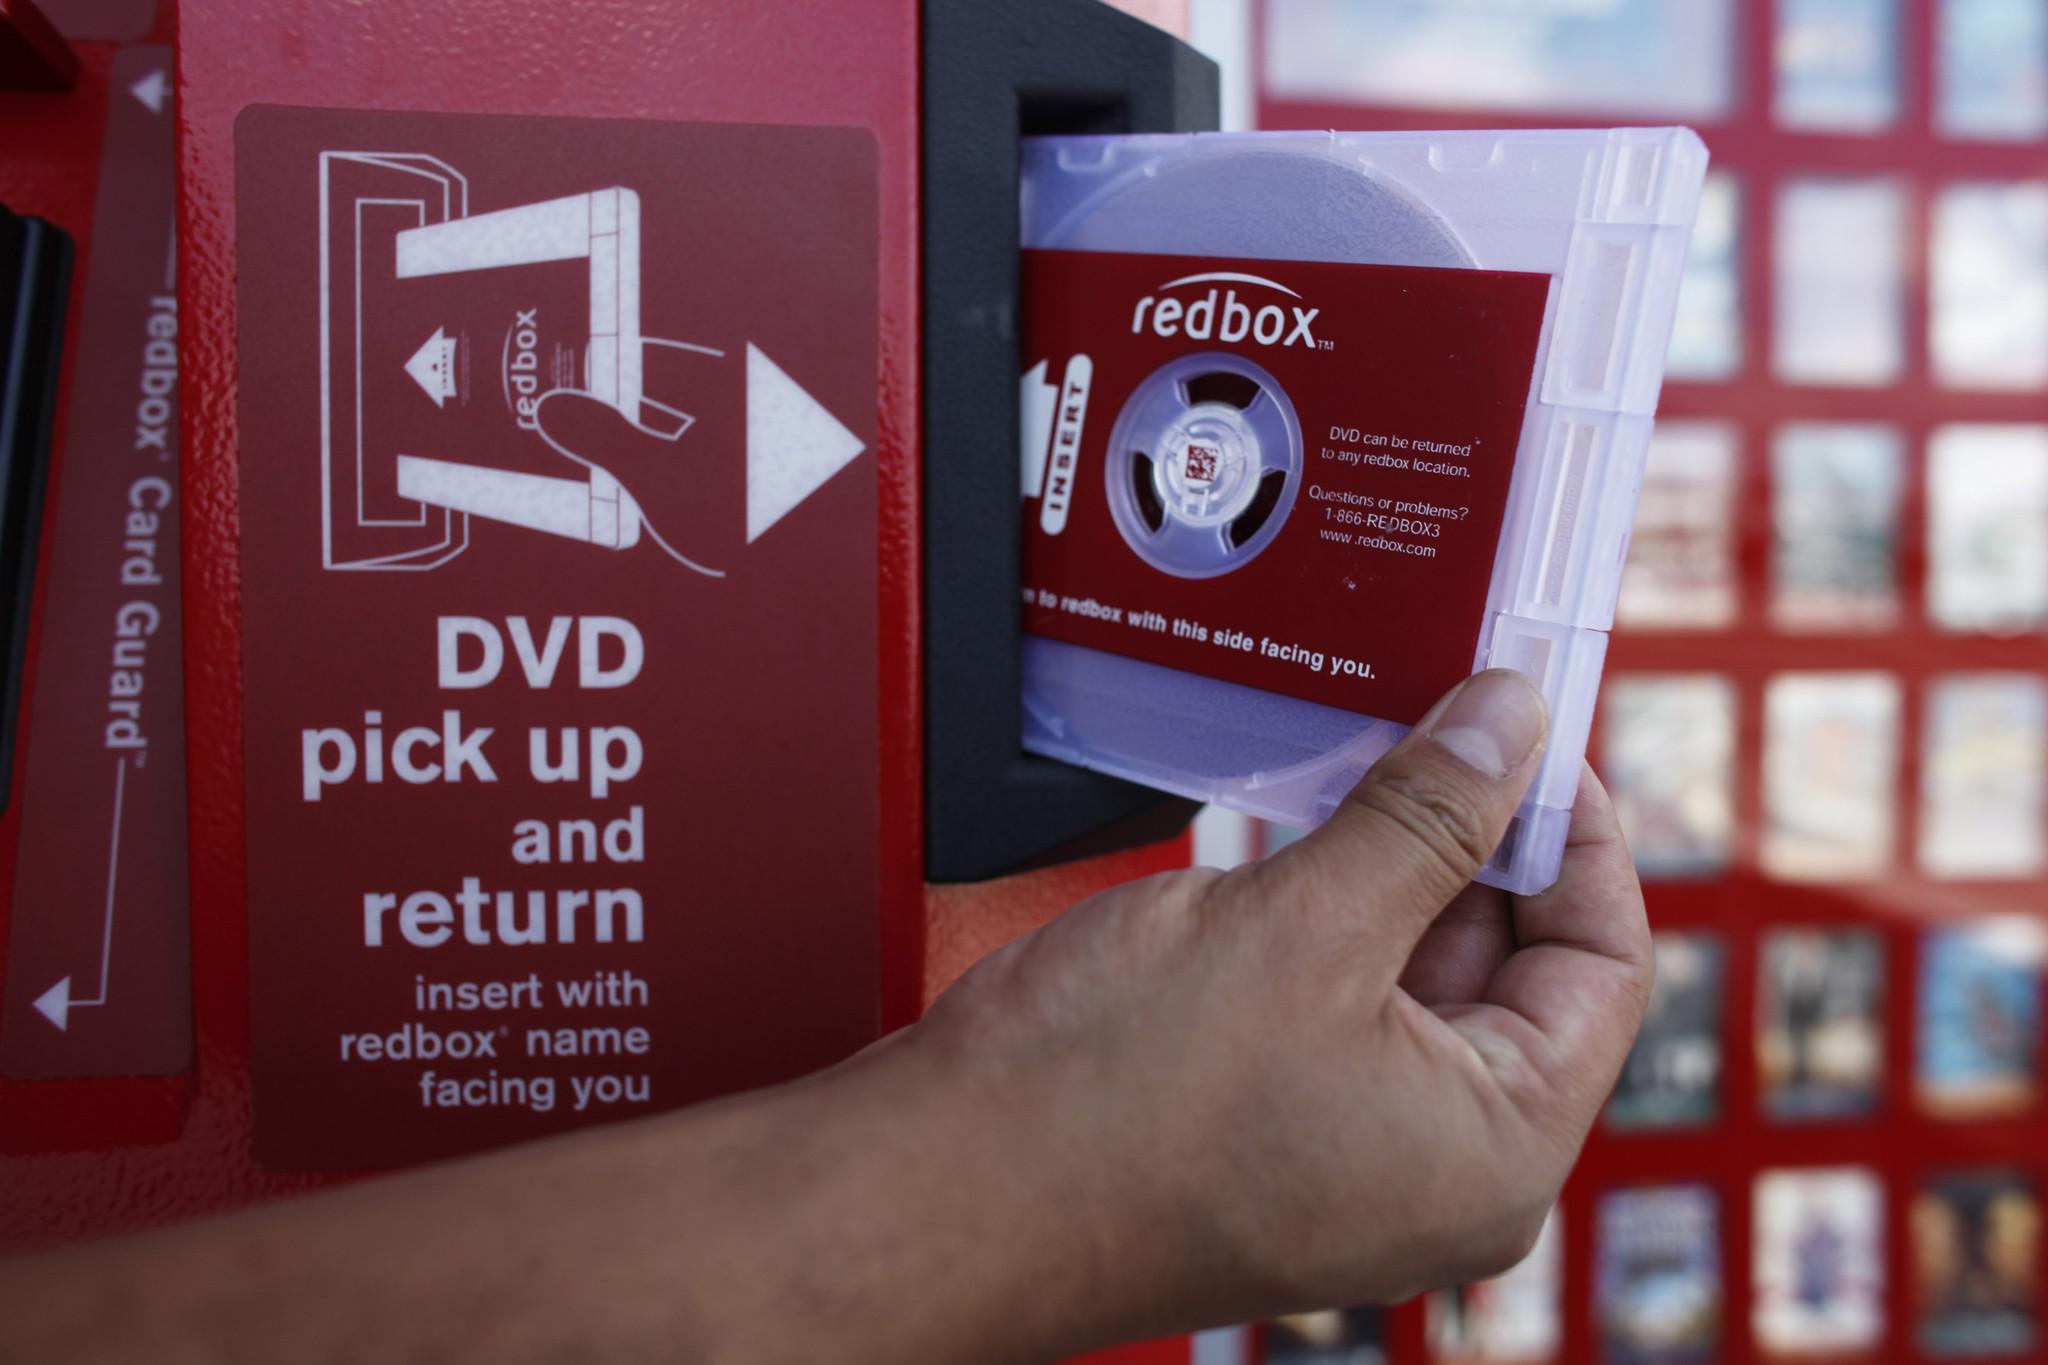 redbox return to any machine